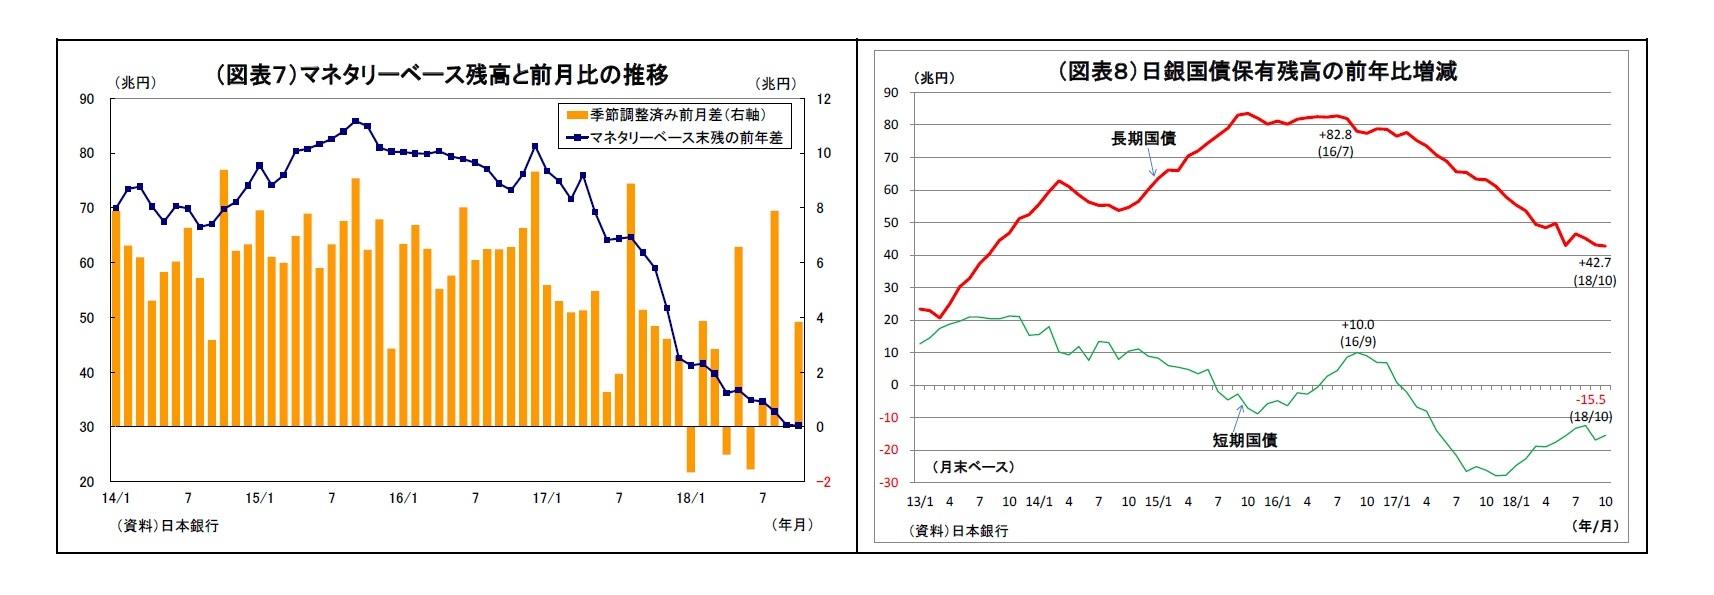 (図表7)マネタリーベース残高と前月比の推移/(図表8)日銀国債保有残高の前年比増減